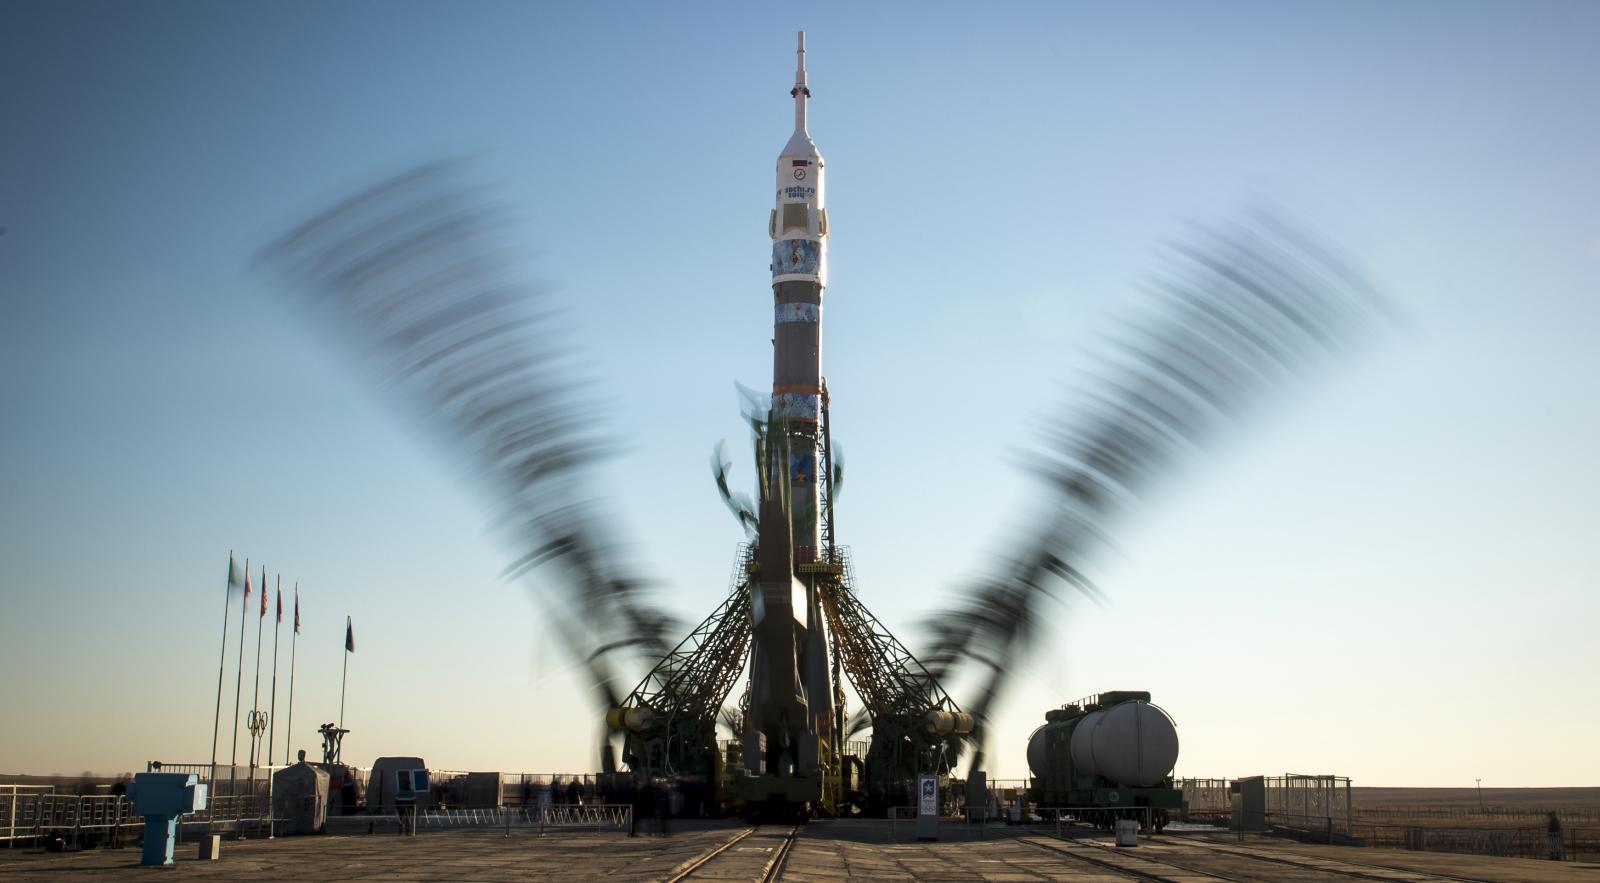 Олимпийский факел впервые побывал в открытом космосе